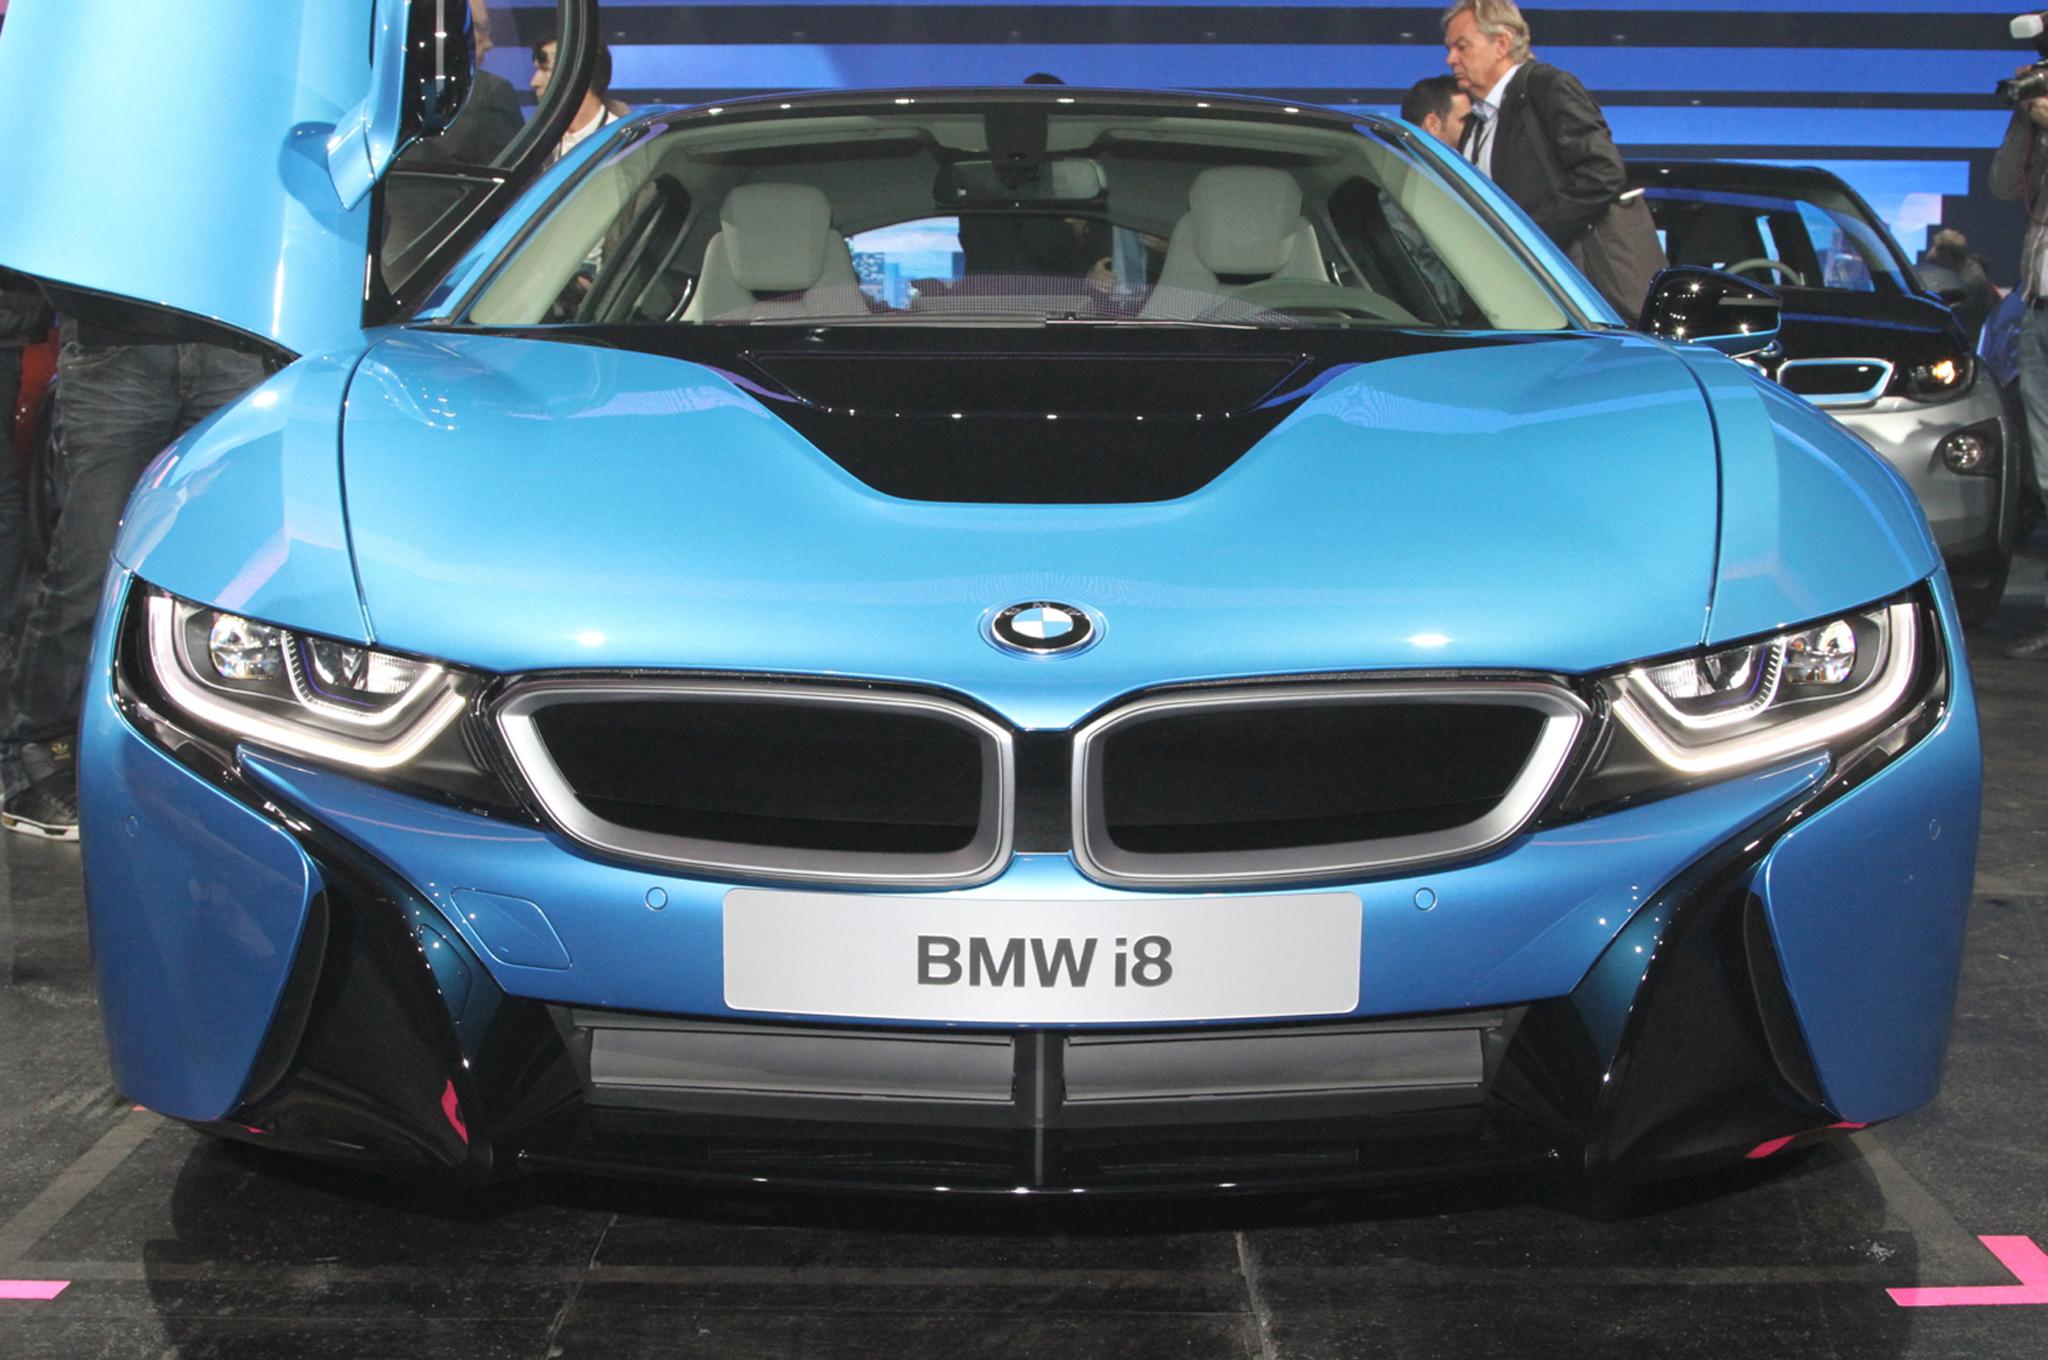 2014 BMW i8 plug in hybrid front end